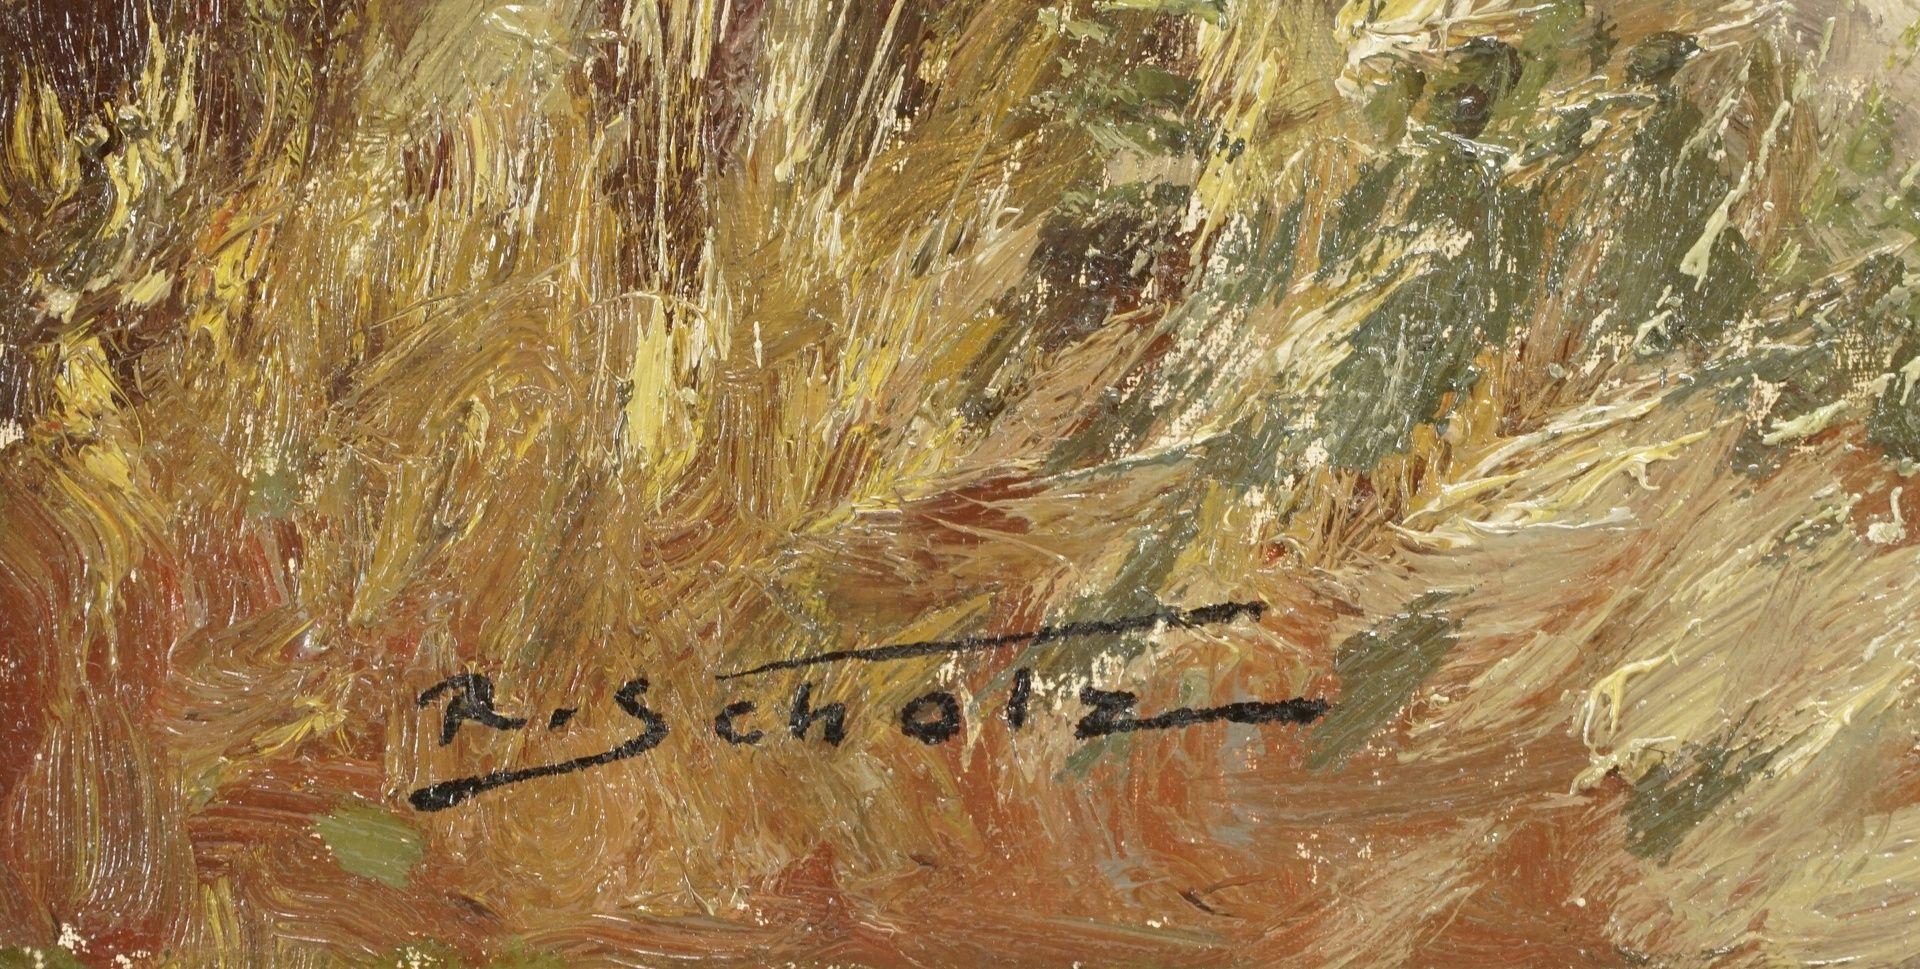 R. Scholz, Sichernder Rehbock mit zwei Ricken - Bild 4 aus 4